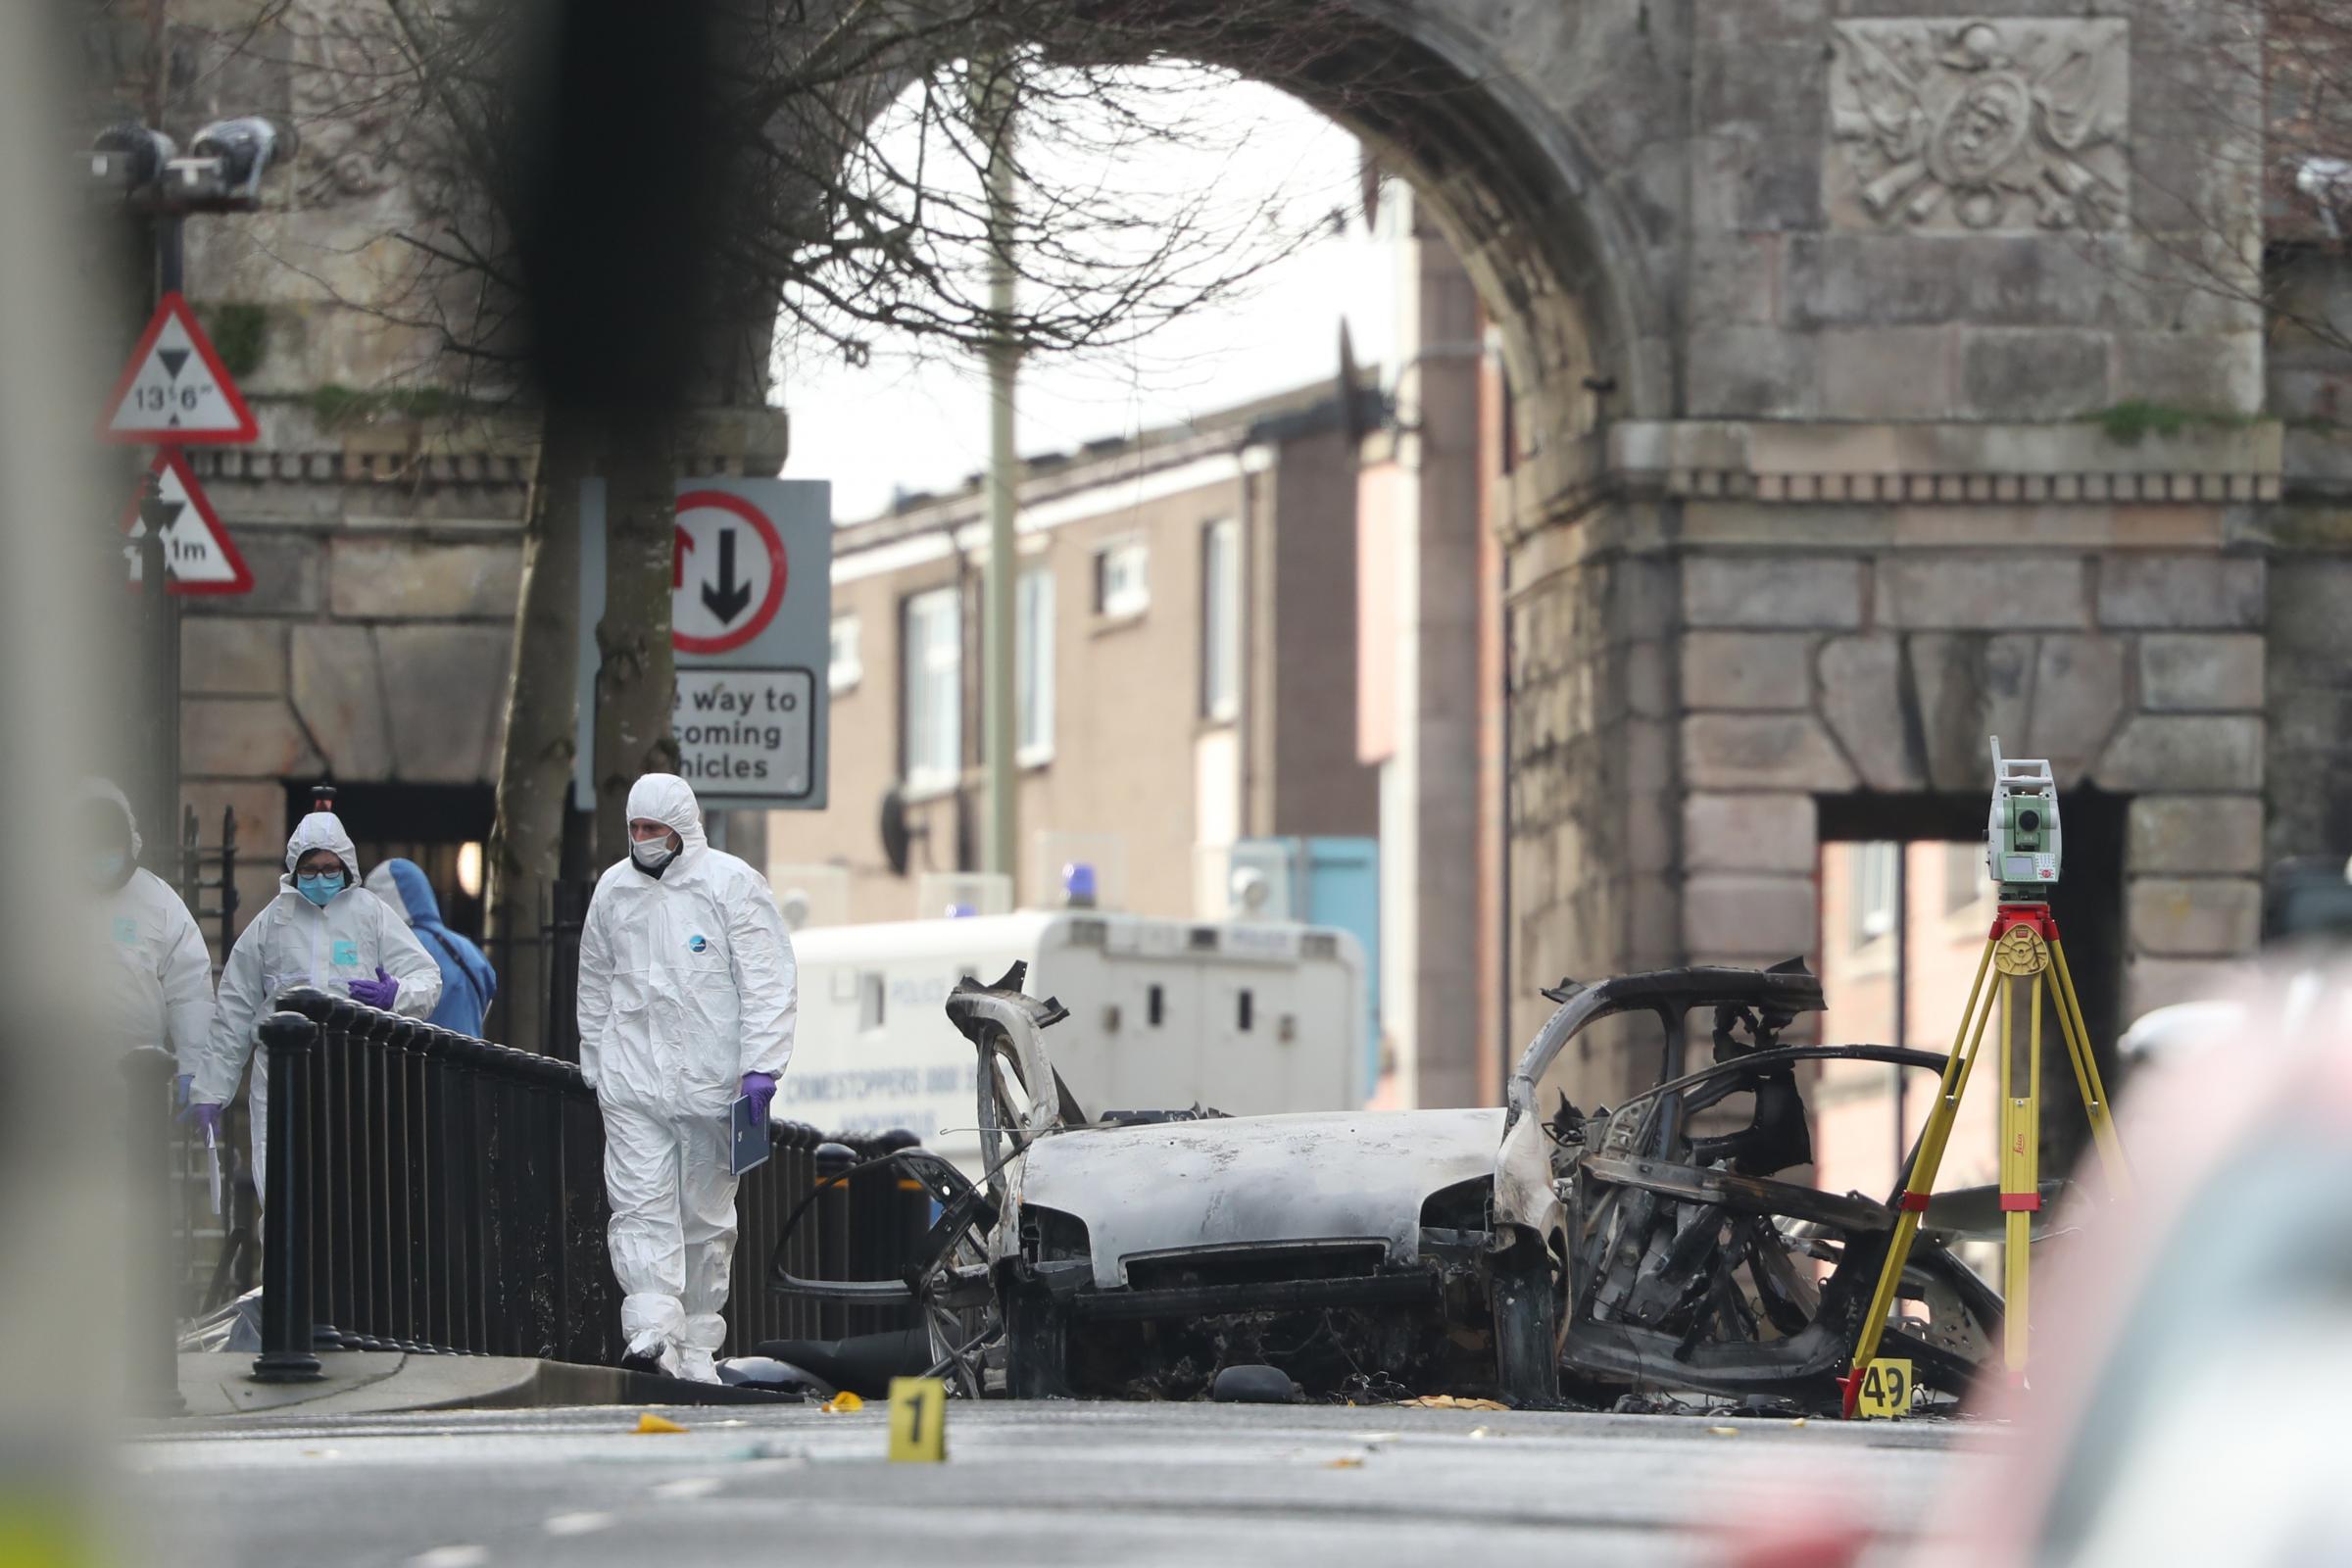 异议共和党组织新爱尔兰共和国主要调查汽车炸弹后